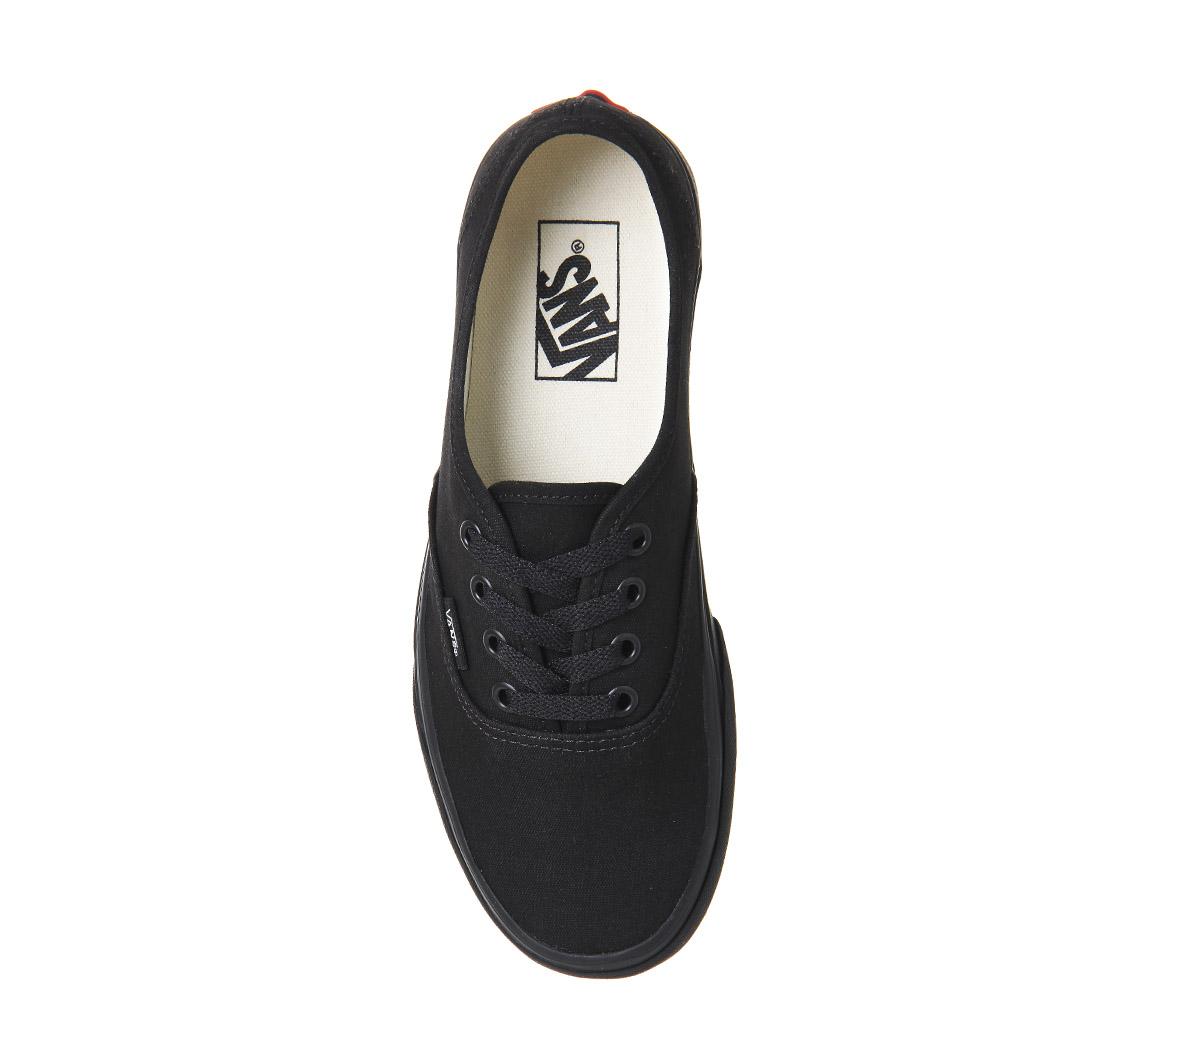 d6eb0031592 Sentinel Mens Vans Authentic Black Mono Trainers Shoes